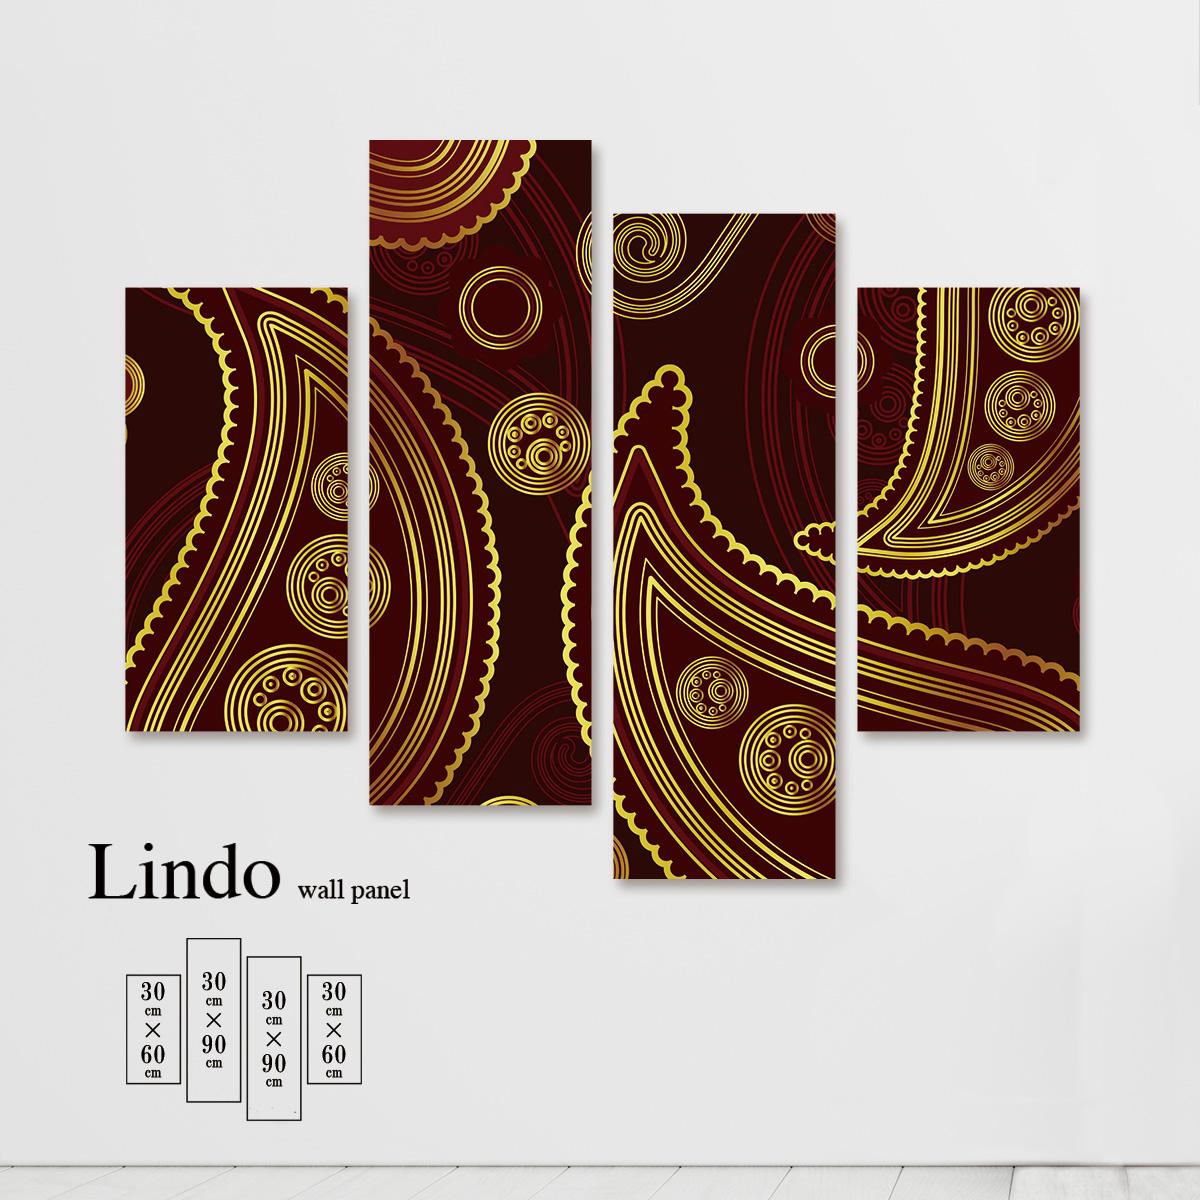 アートパネル ペイズリー 柄 パターン 幾何柄 模様 かっこいい 大人 壁掛け 北欧 お洒落 デザイン ファブリック 壁飾り アートボード 4枚パネル